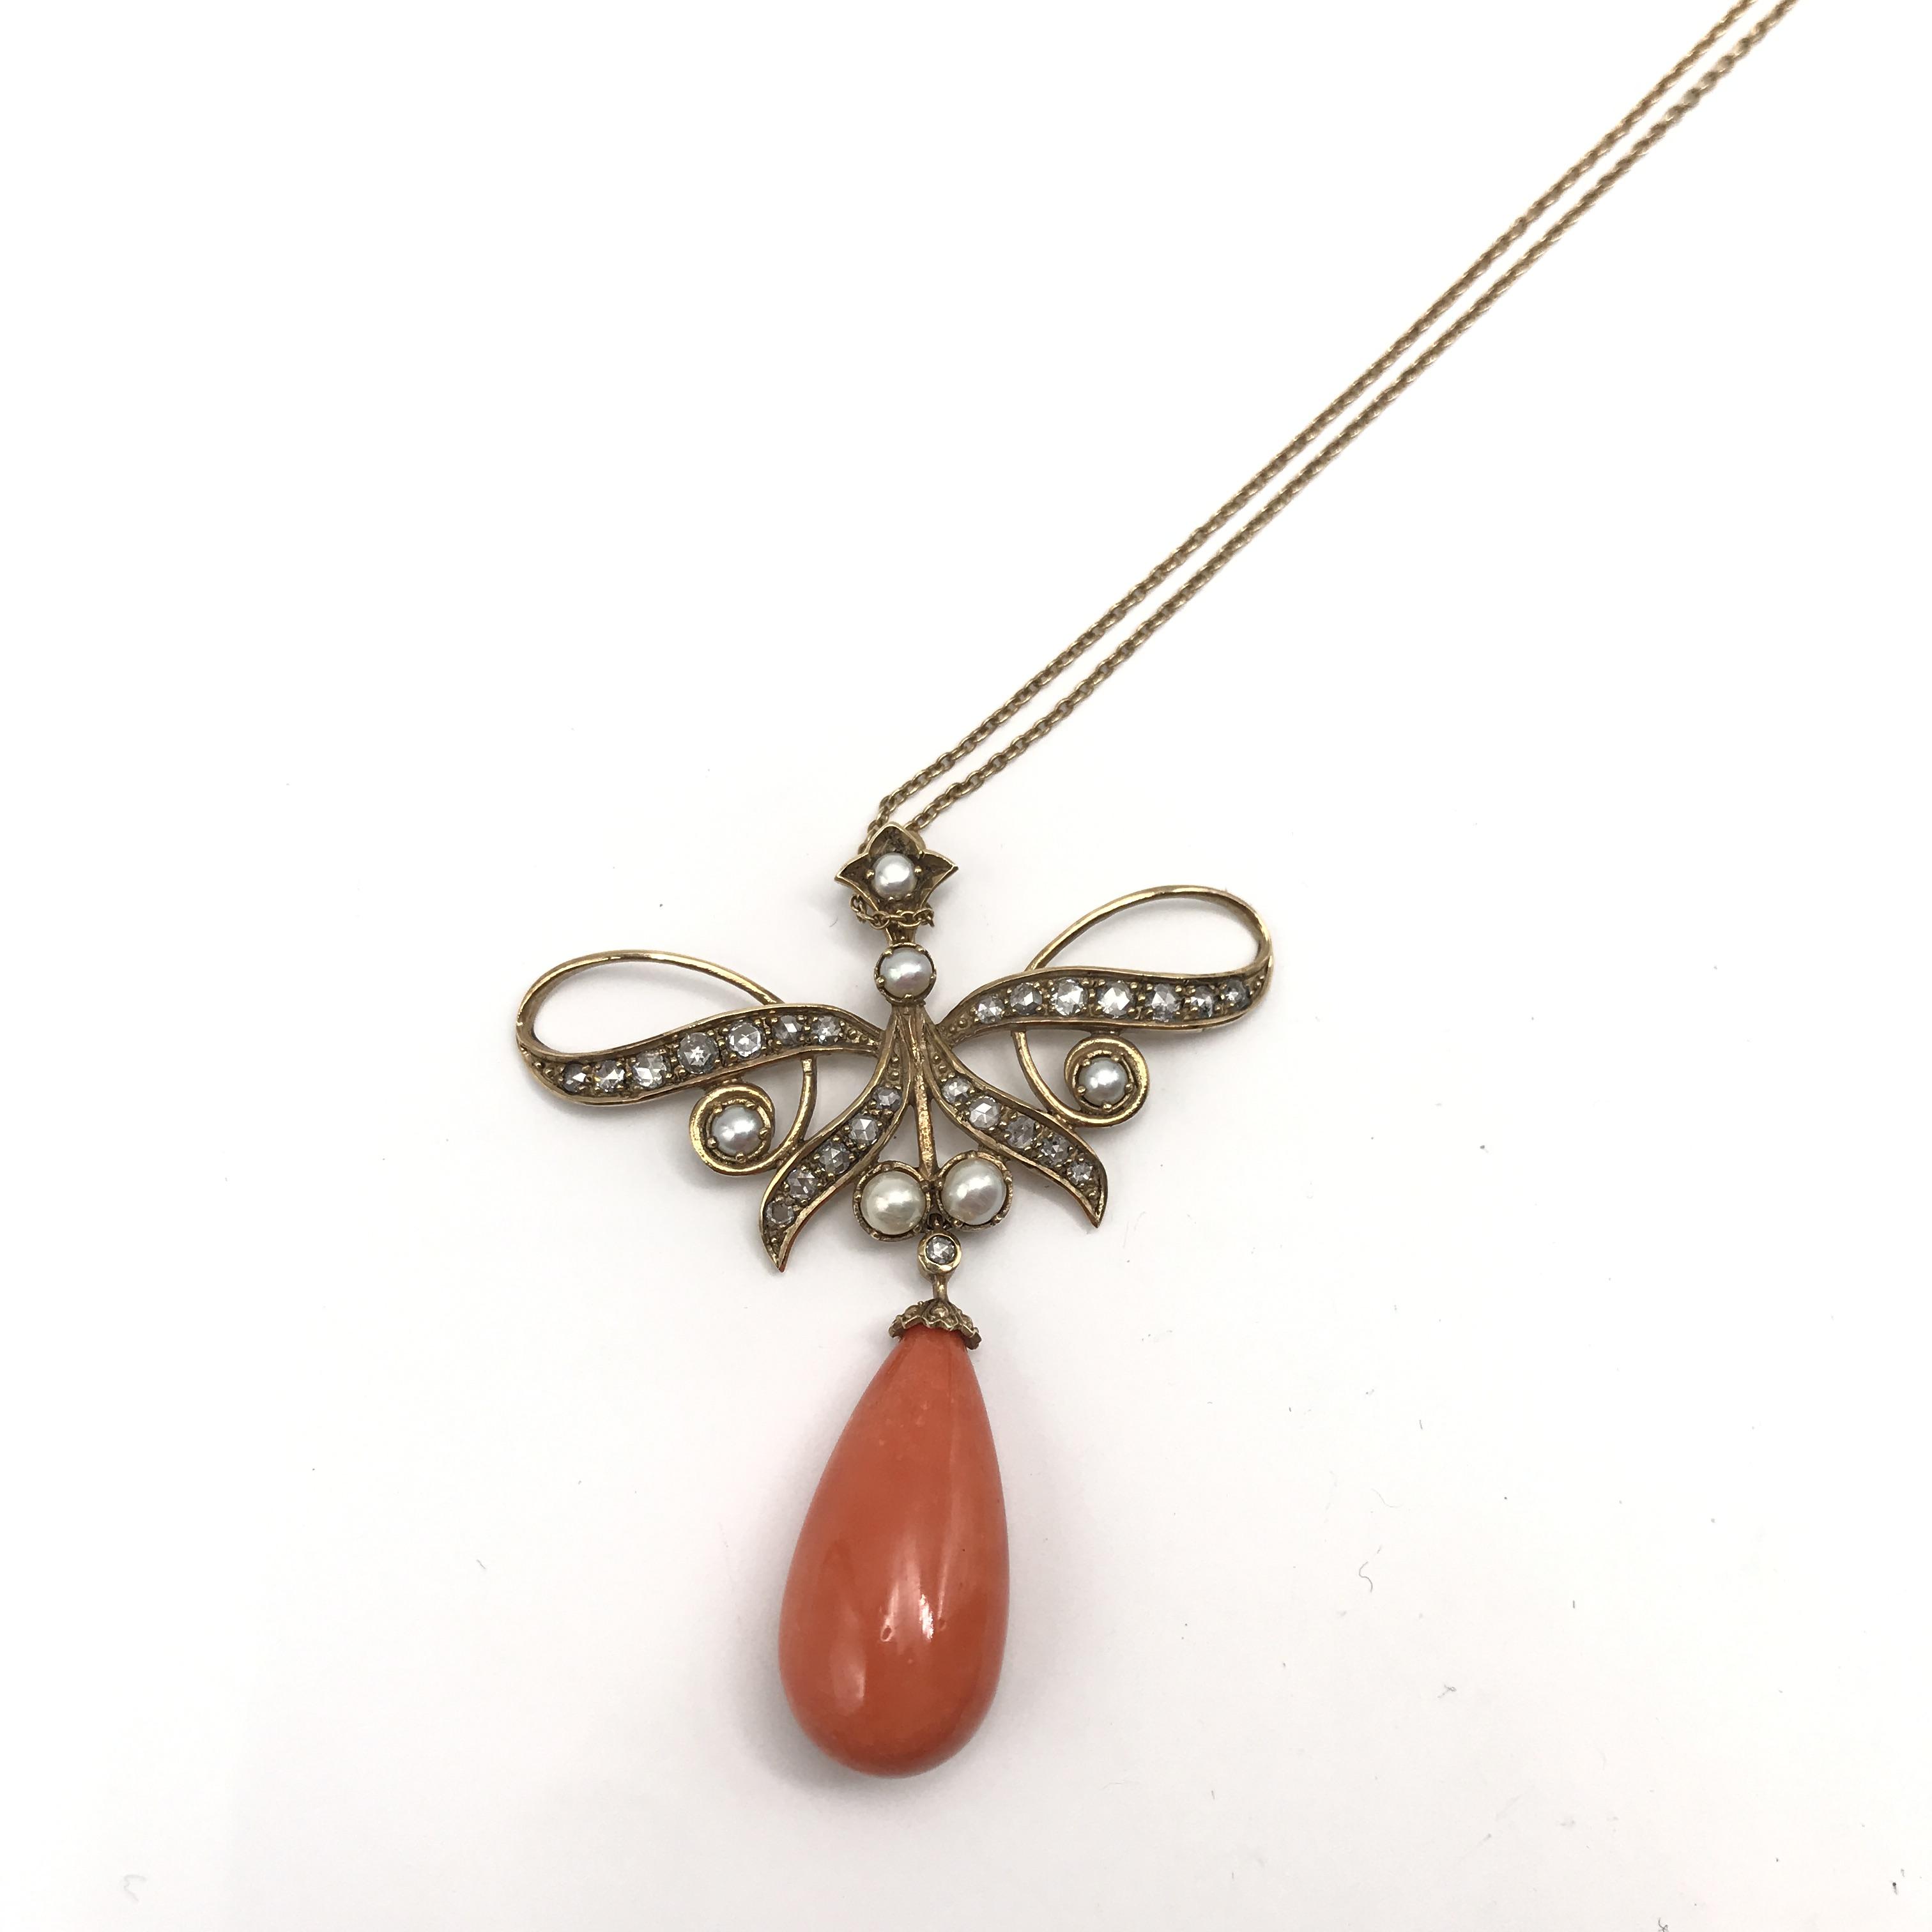 in oro 9kt, corallo, perle coltivate, rubino e diamanti